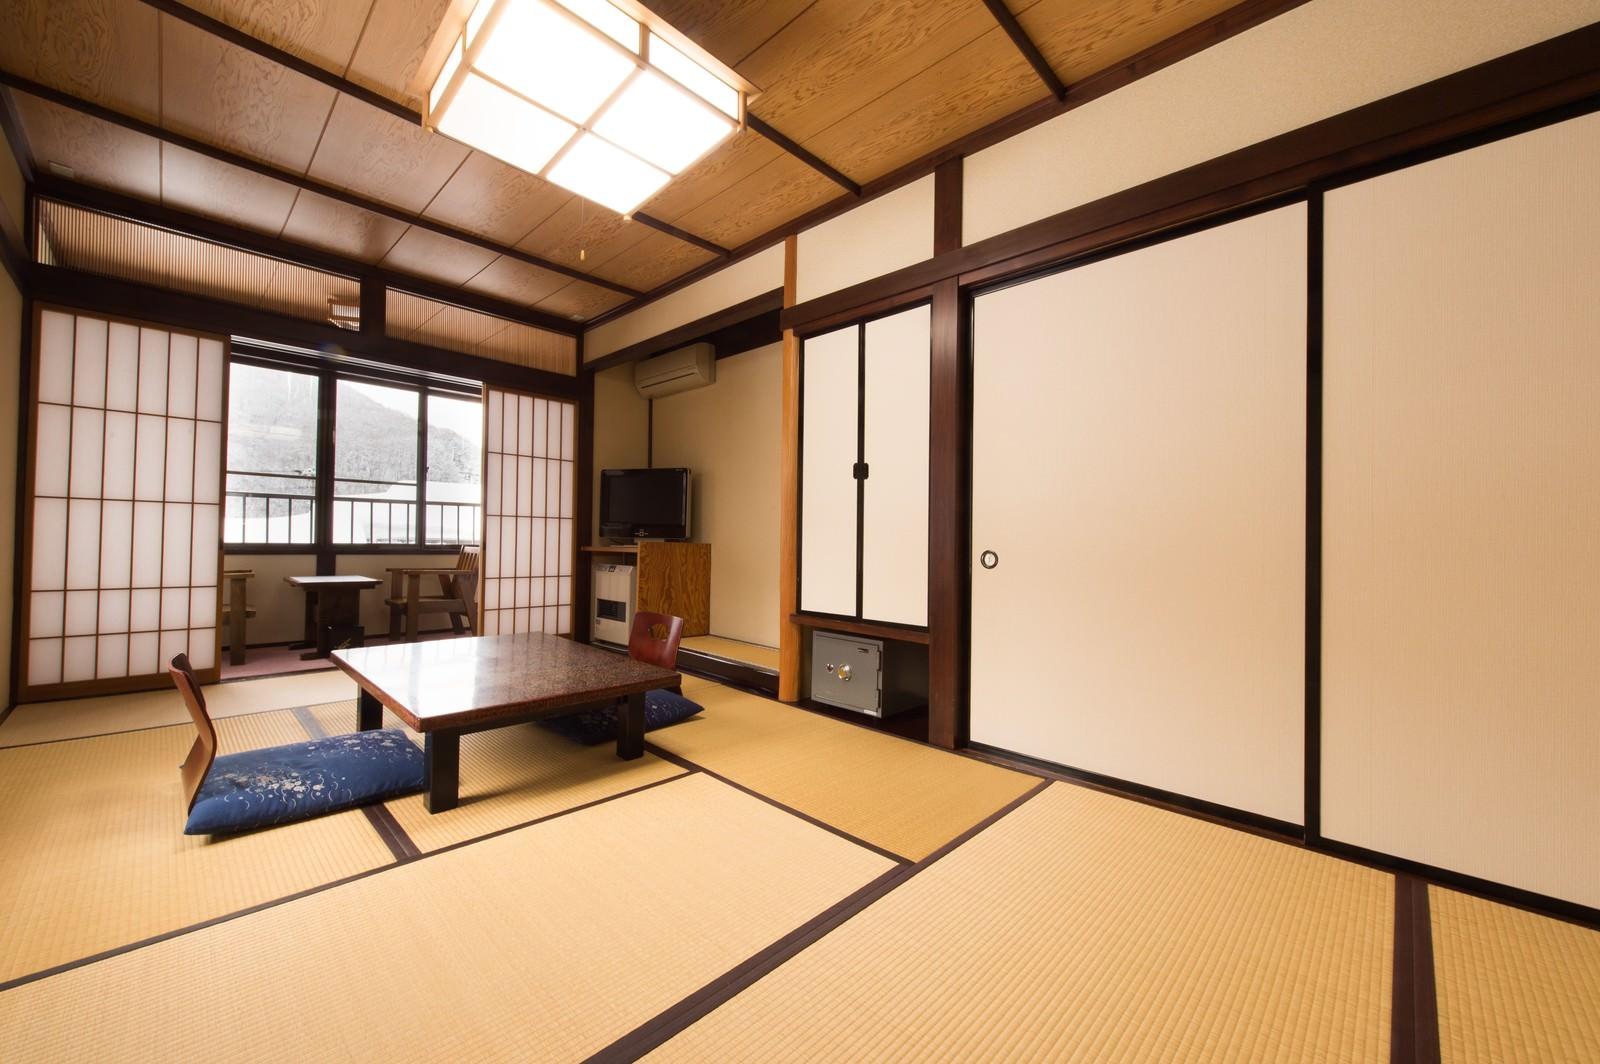 「平湯温泉のお宿栄太郎の和室」の写真